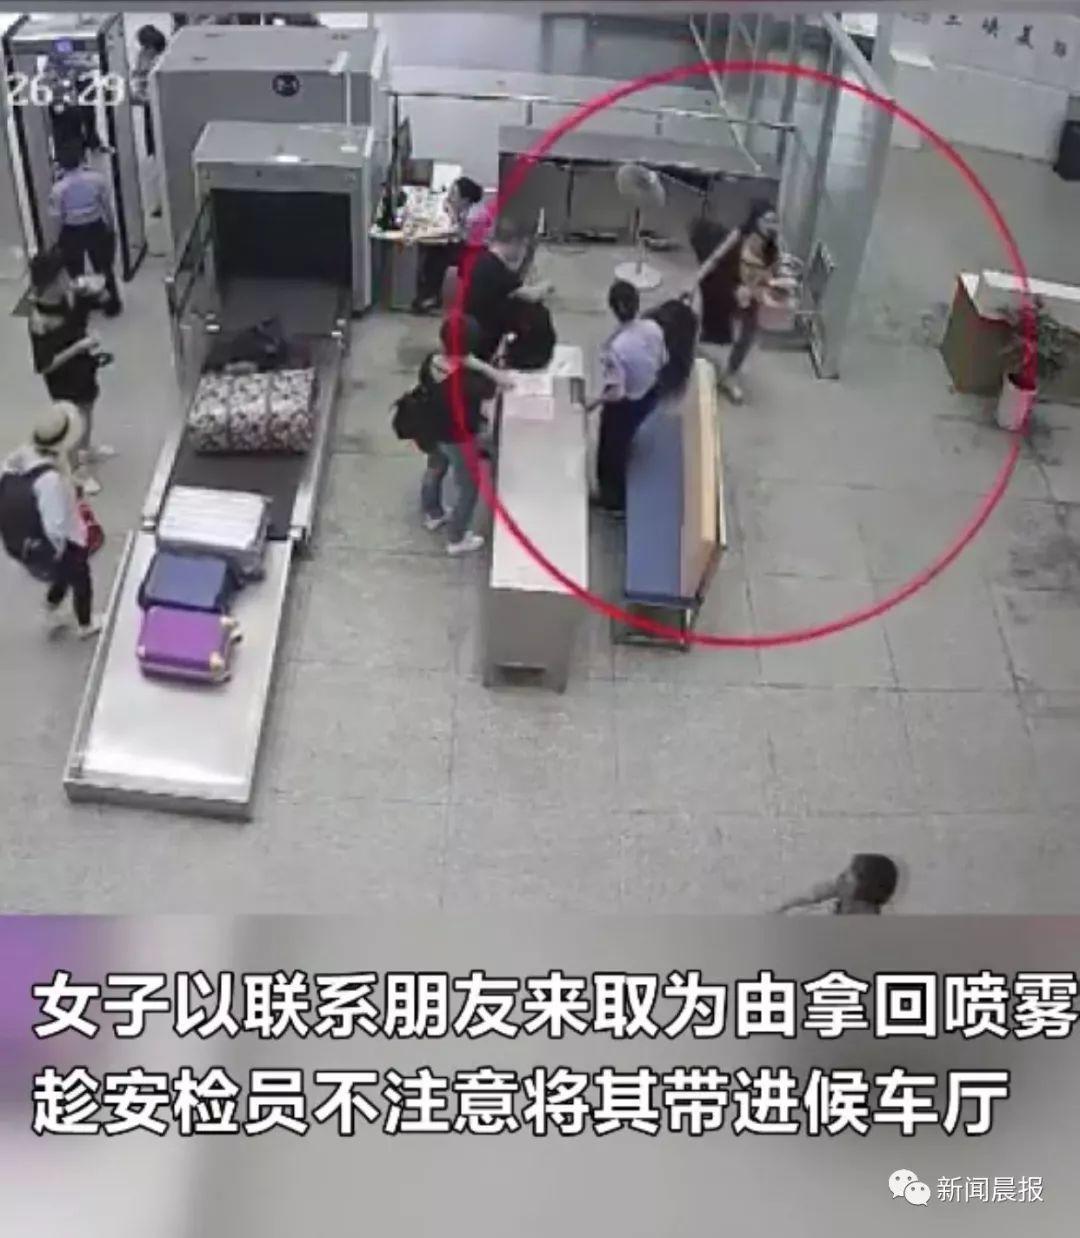 女演員劉露大鬧車站叫囂「我是公眾人物你完了」被拘5日,芒果TV致歉並宣布解約。 ...